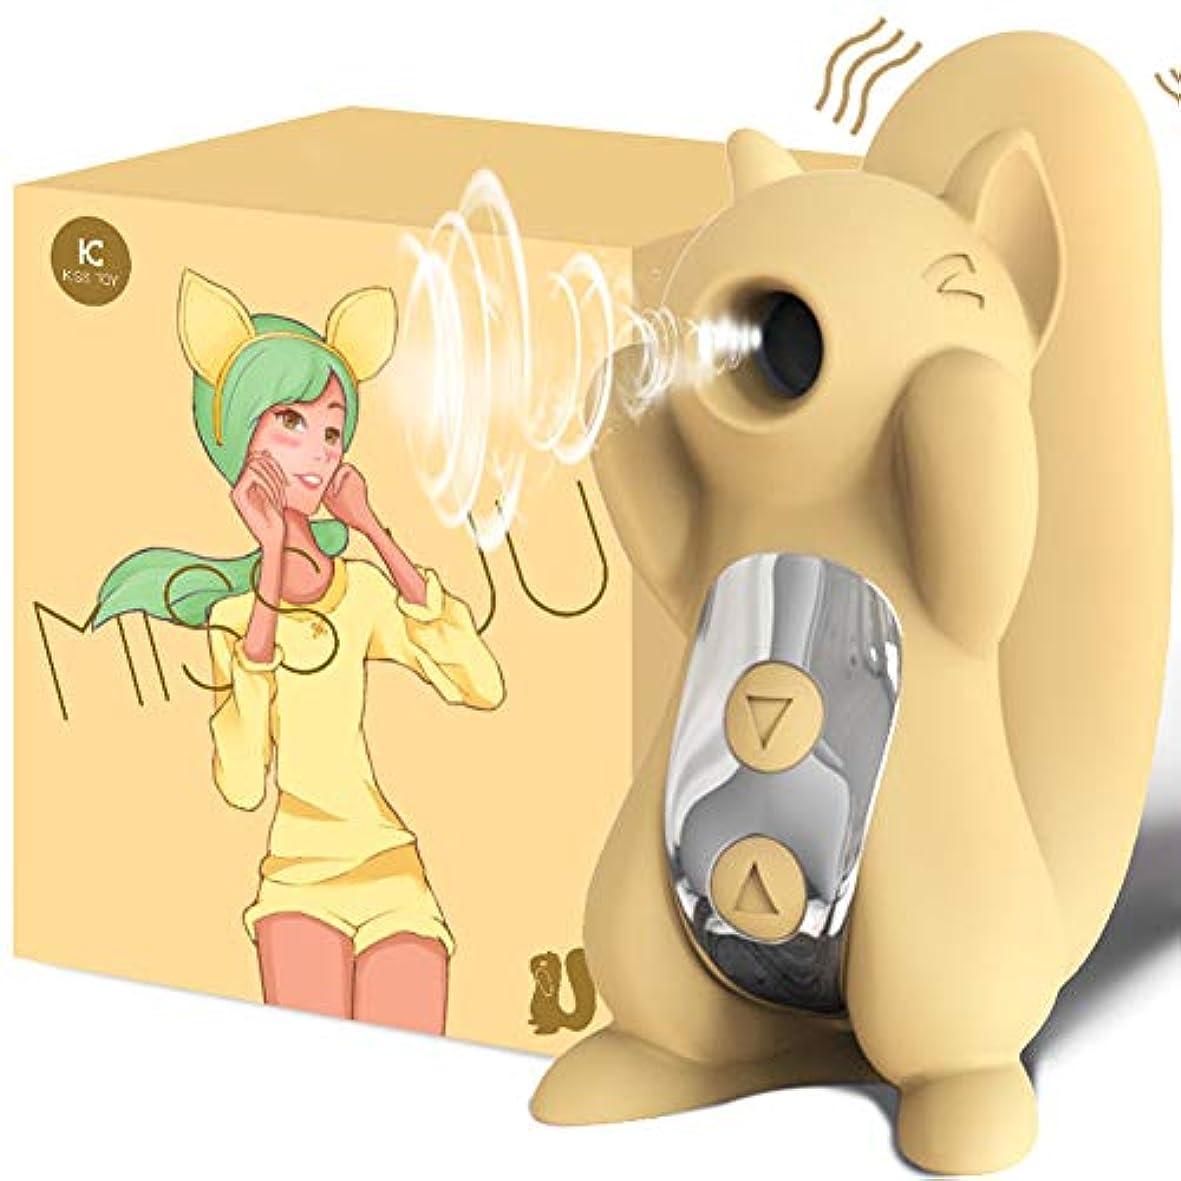 家族アリス日光Rabugoo 大人のおもちゃ 漫画形状膣吸引バイブレーターオーラルセックス吸引クリトリス刺激女性エロティックおもちゃ 黄